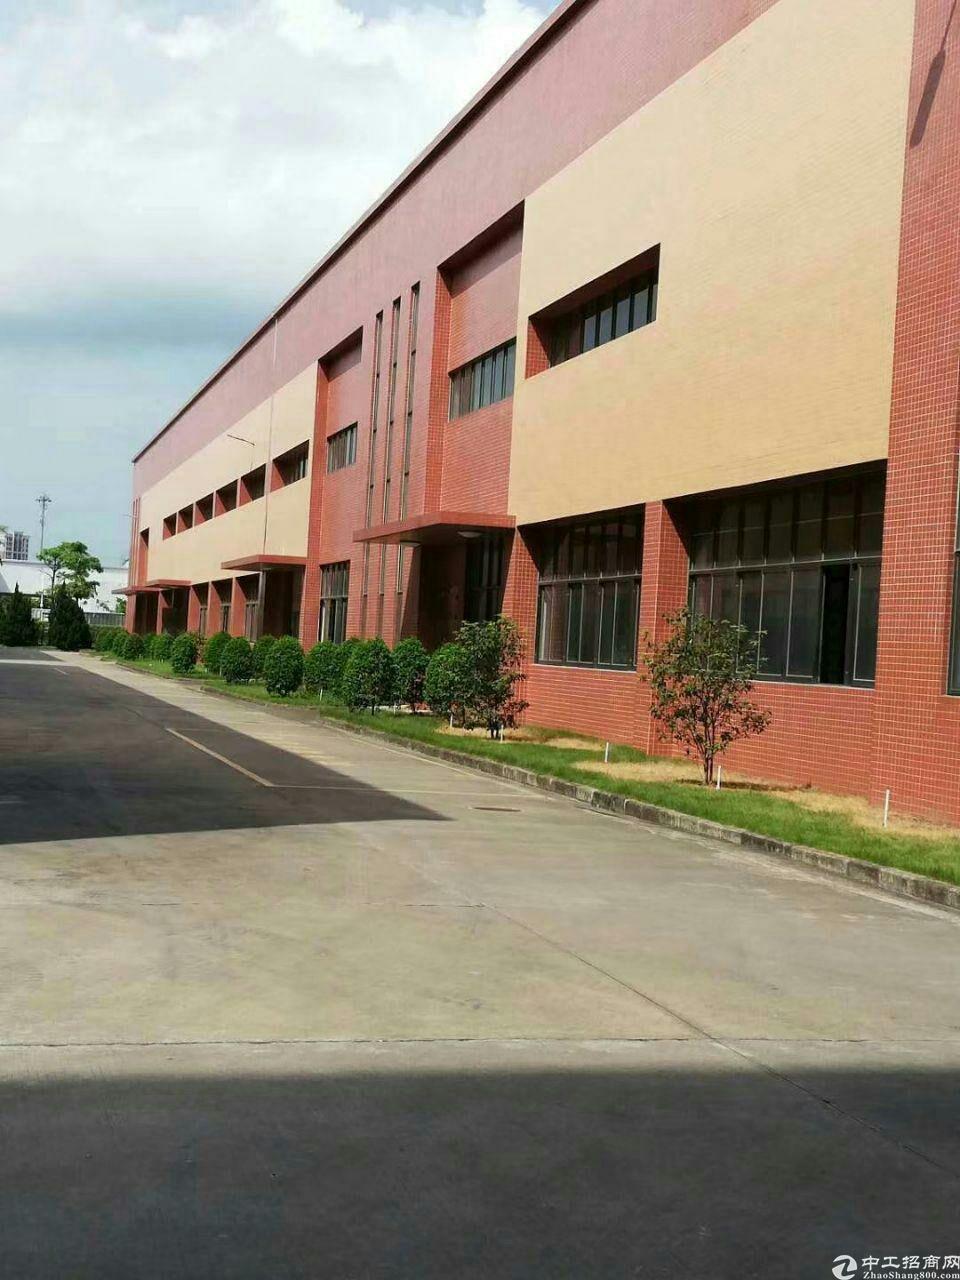 广州市黄埔区全新厂房,现房出租,可即刻搬入